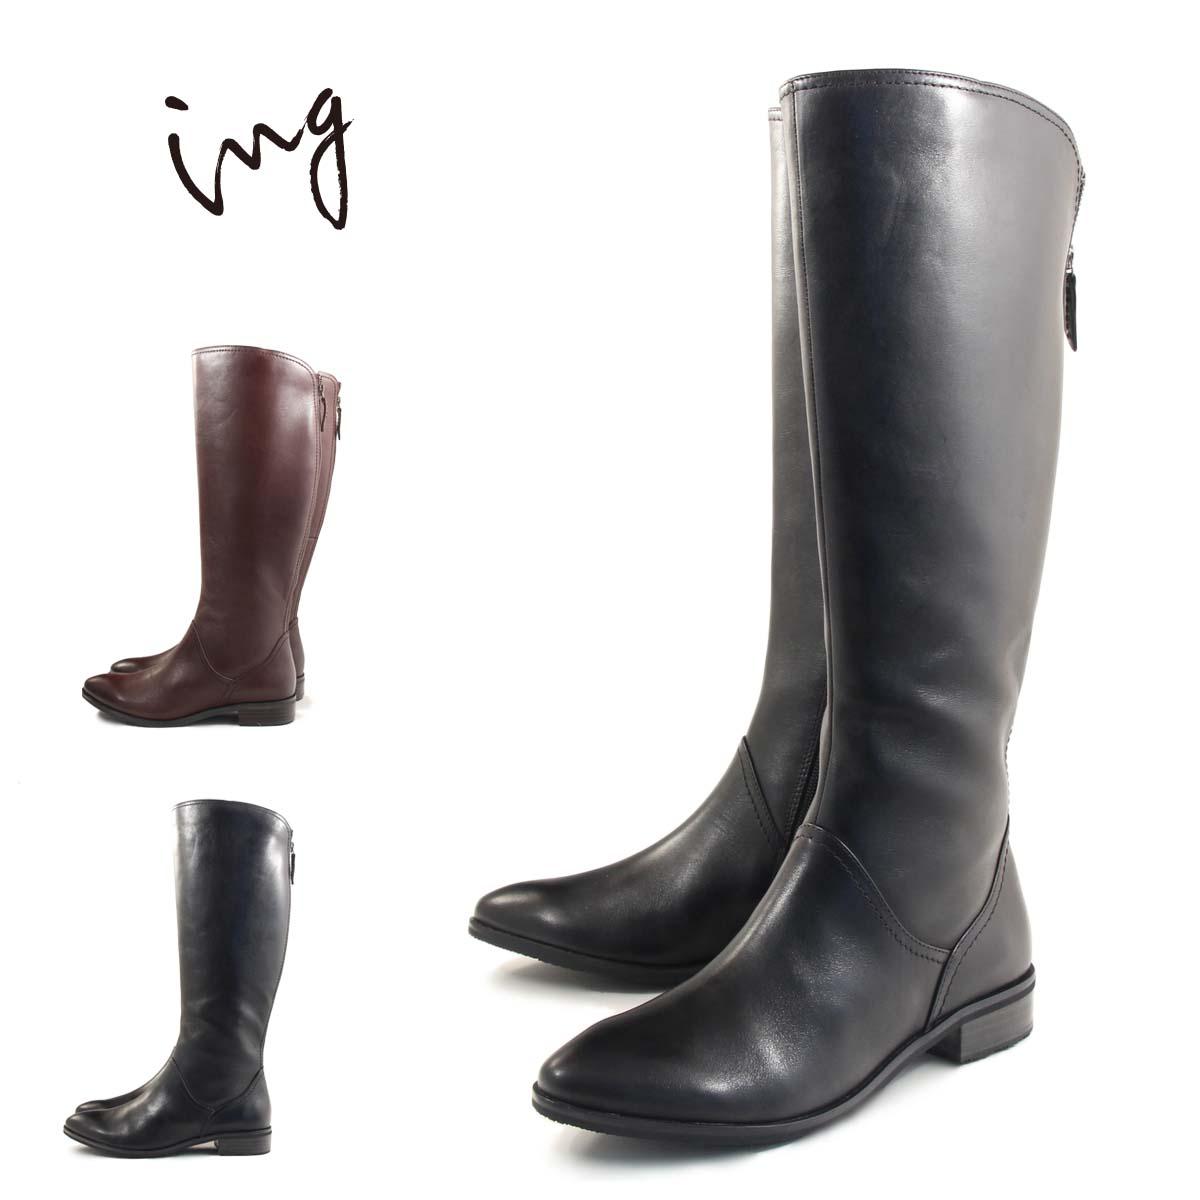 【イング ing】【ブーツ】 シンプルカジュアルロングブーツ ing133 ING0133